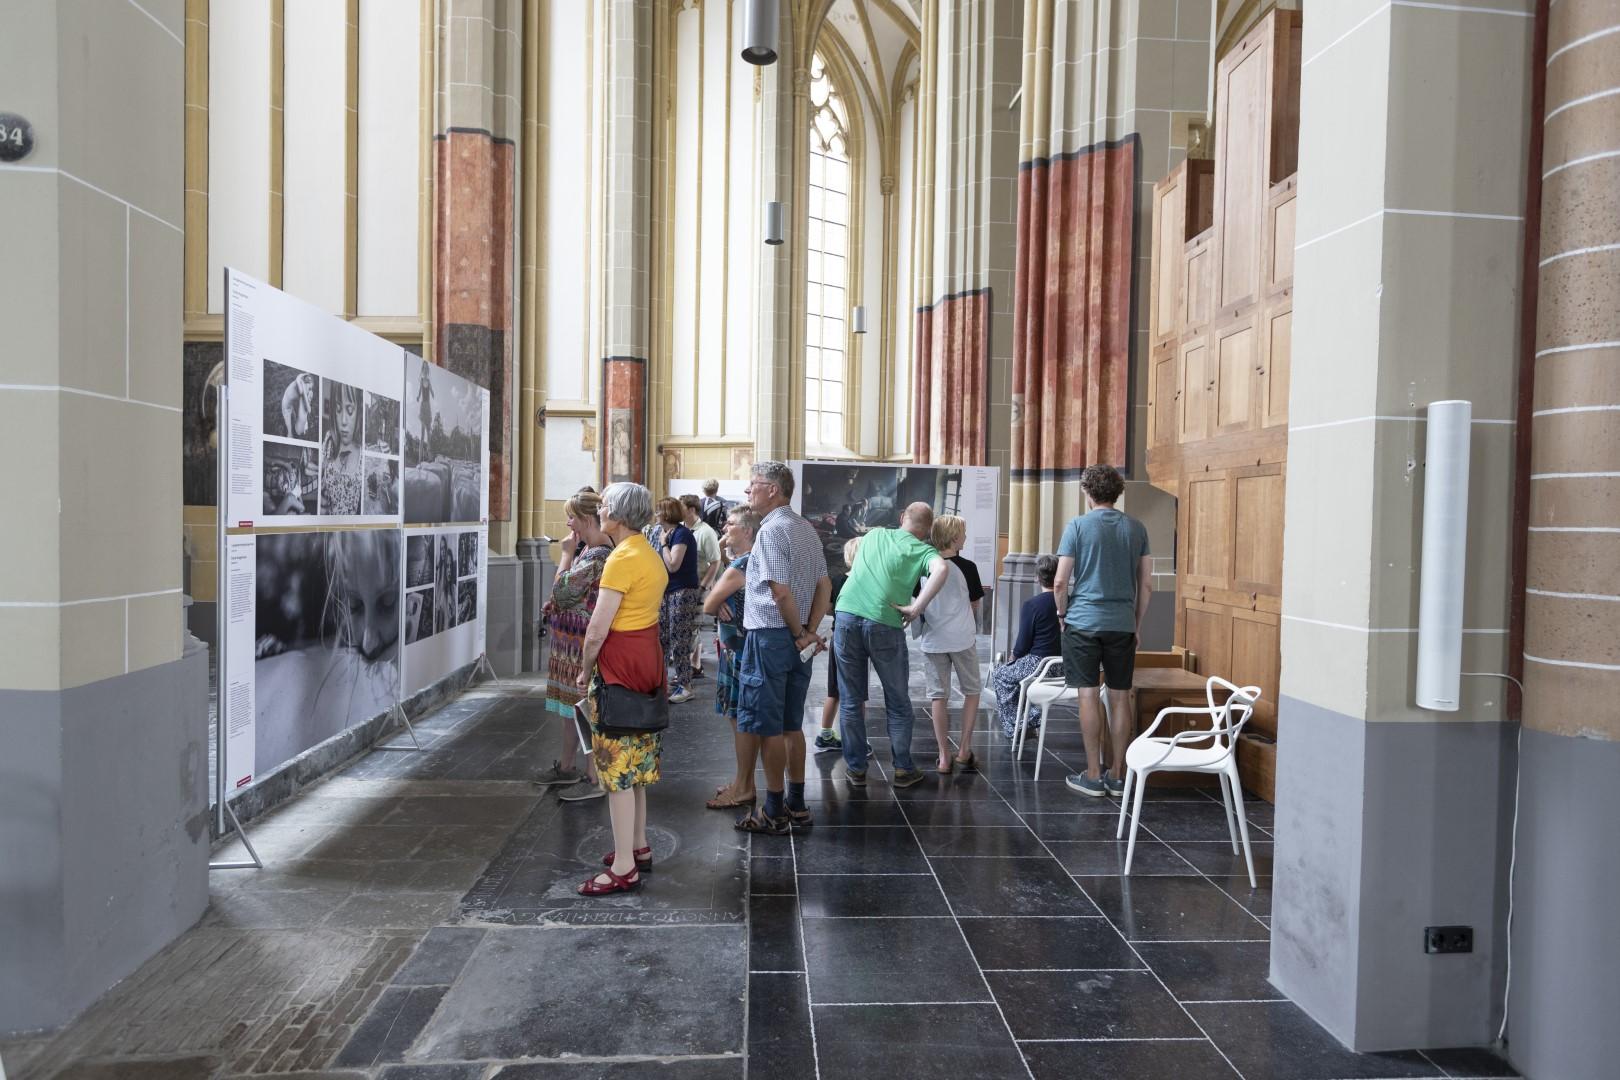 Bezoekers in de tentoonstelling. Foto Patrick van Gemert, Zutphens Persbureau